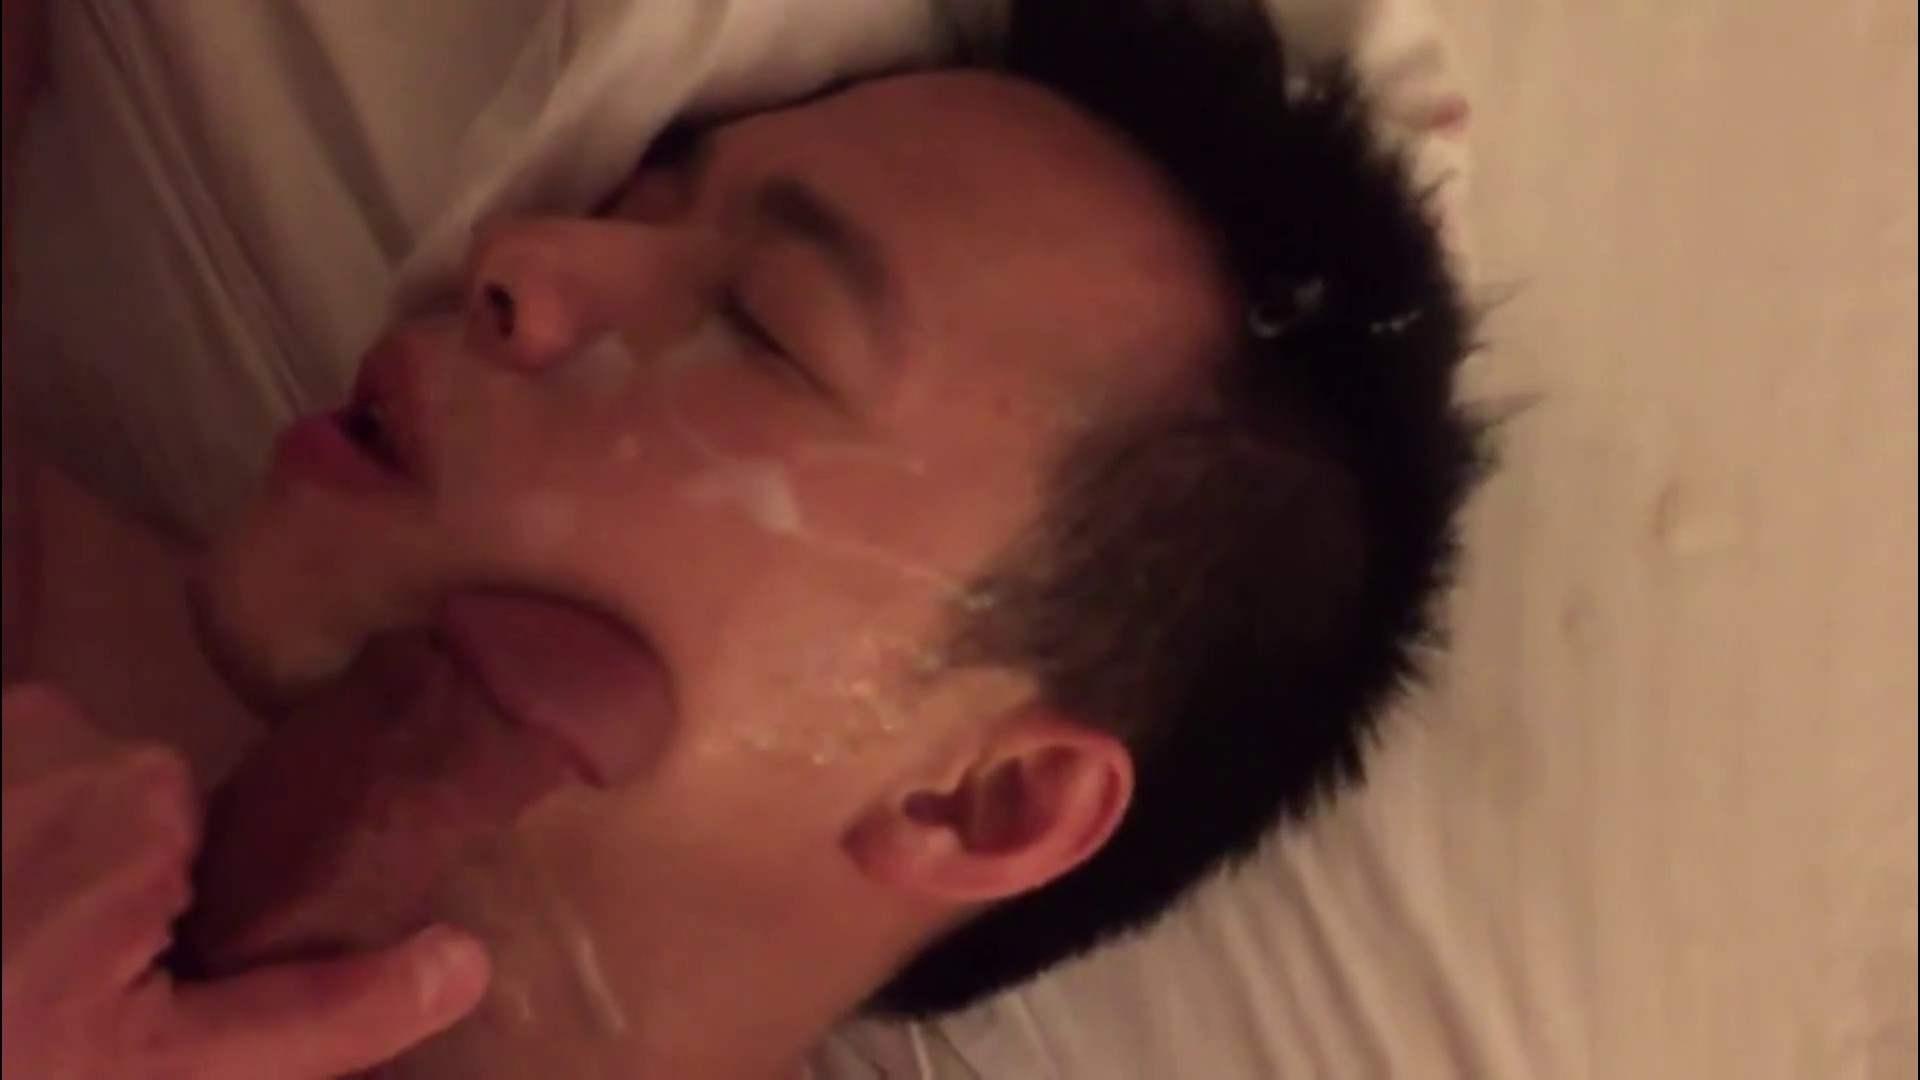 エロいフェラシーンをピックアップvol43 男まつり ゲイ無修正動画画像 96枚 89